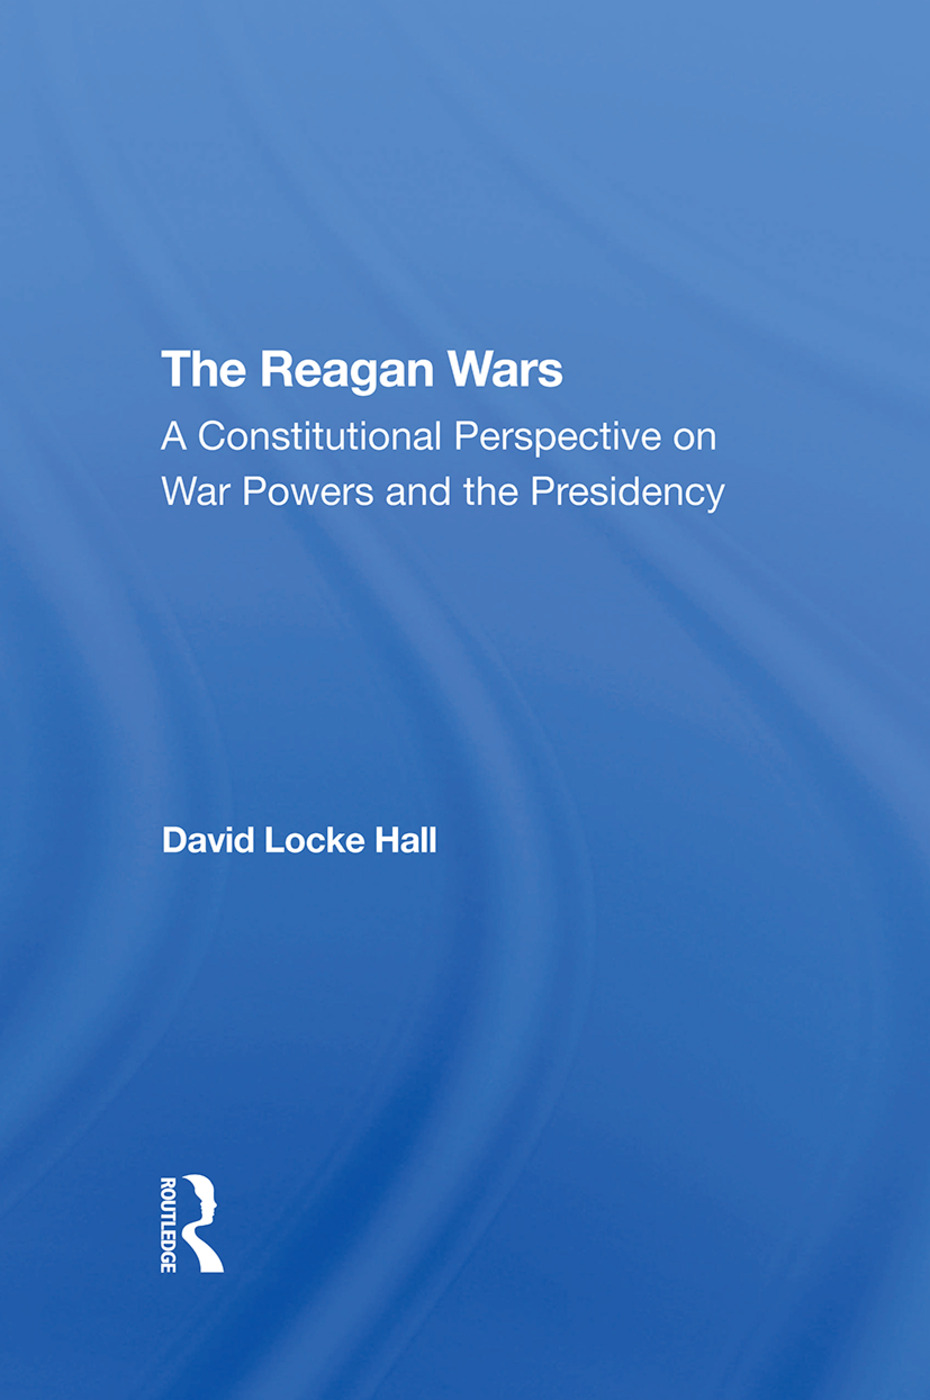 The Reagan Wars